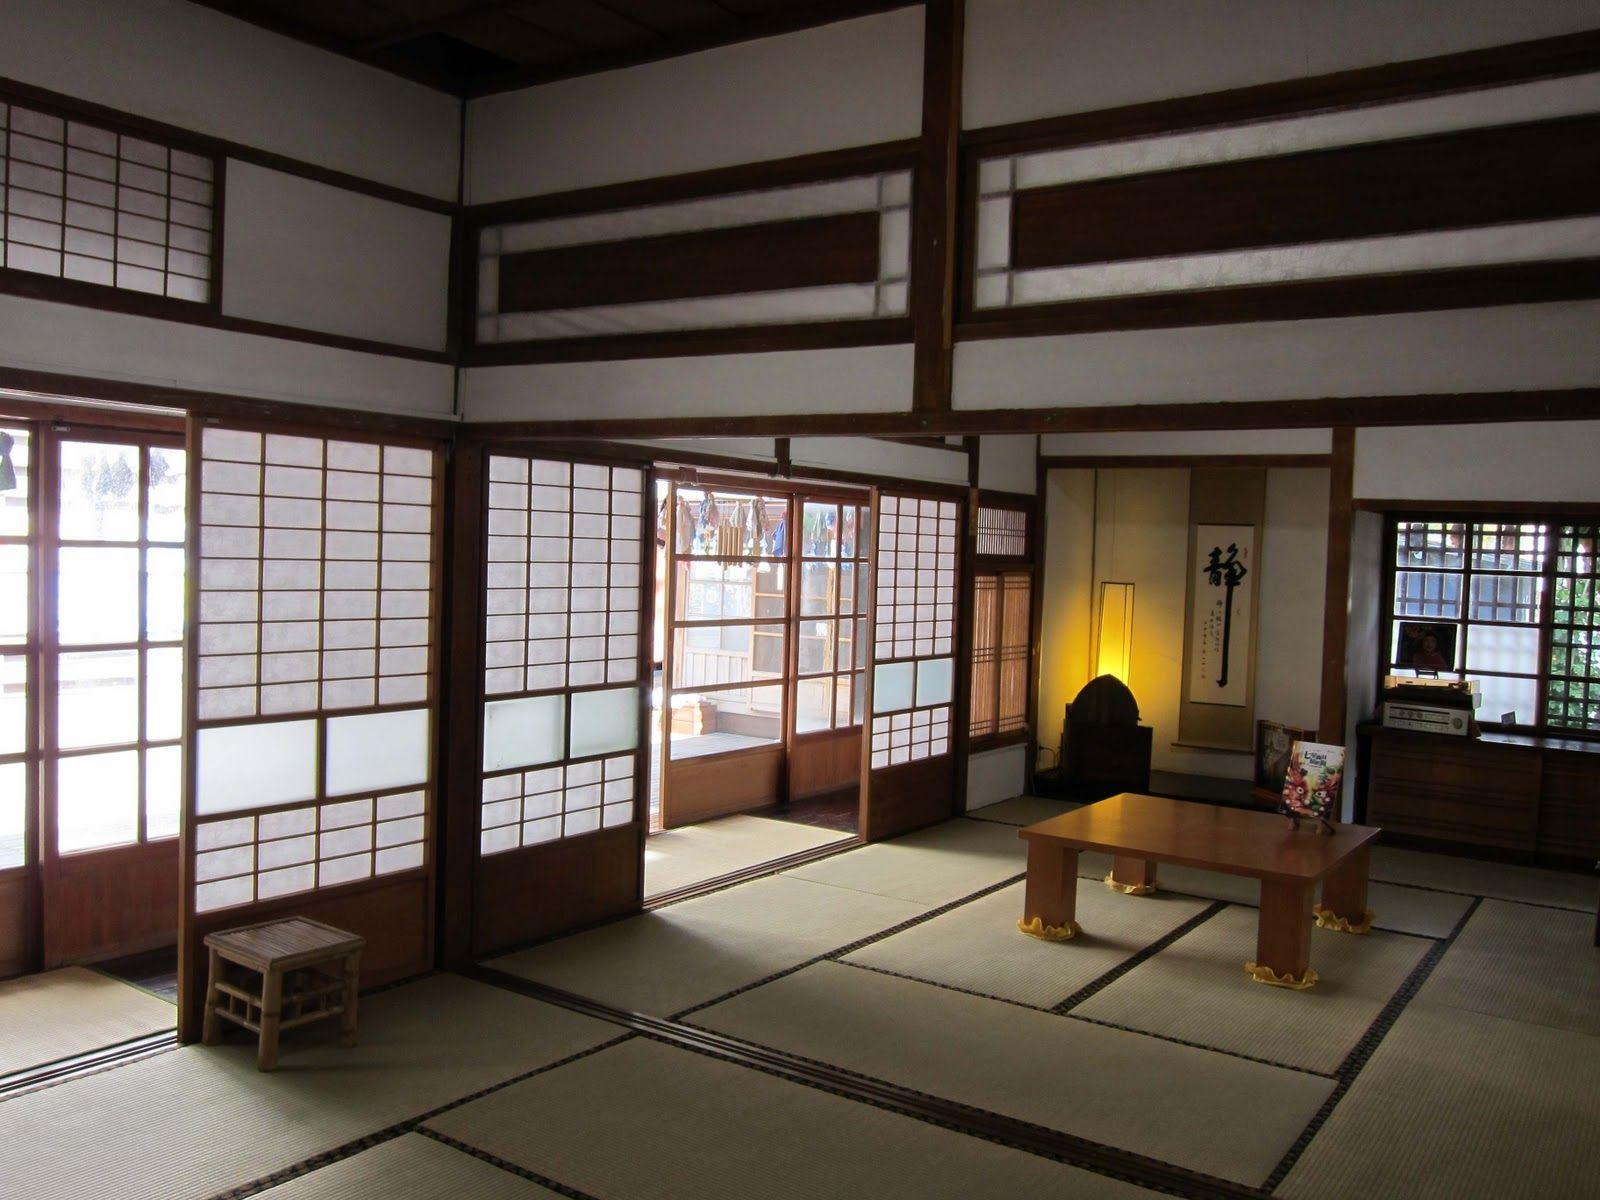 Decoration Interieur Maison Ancienne. Onocom Design Center ...